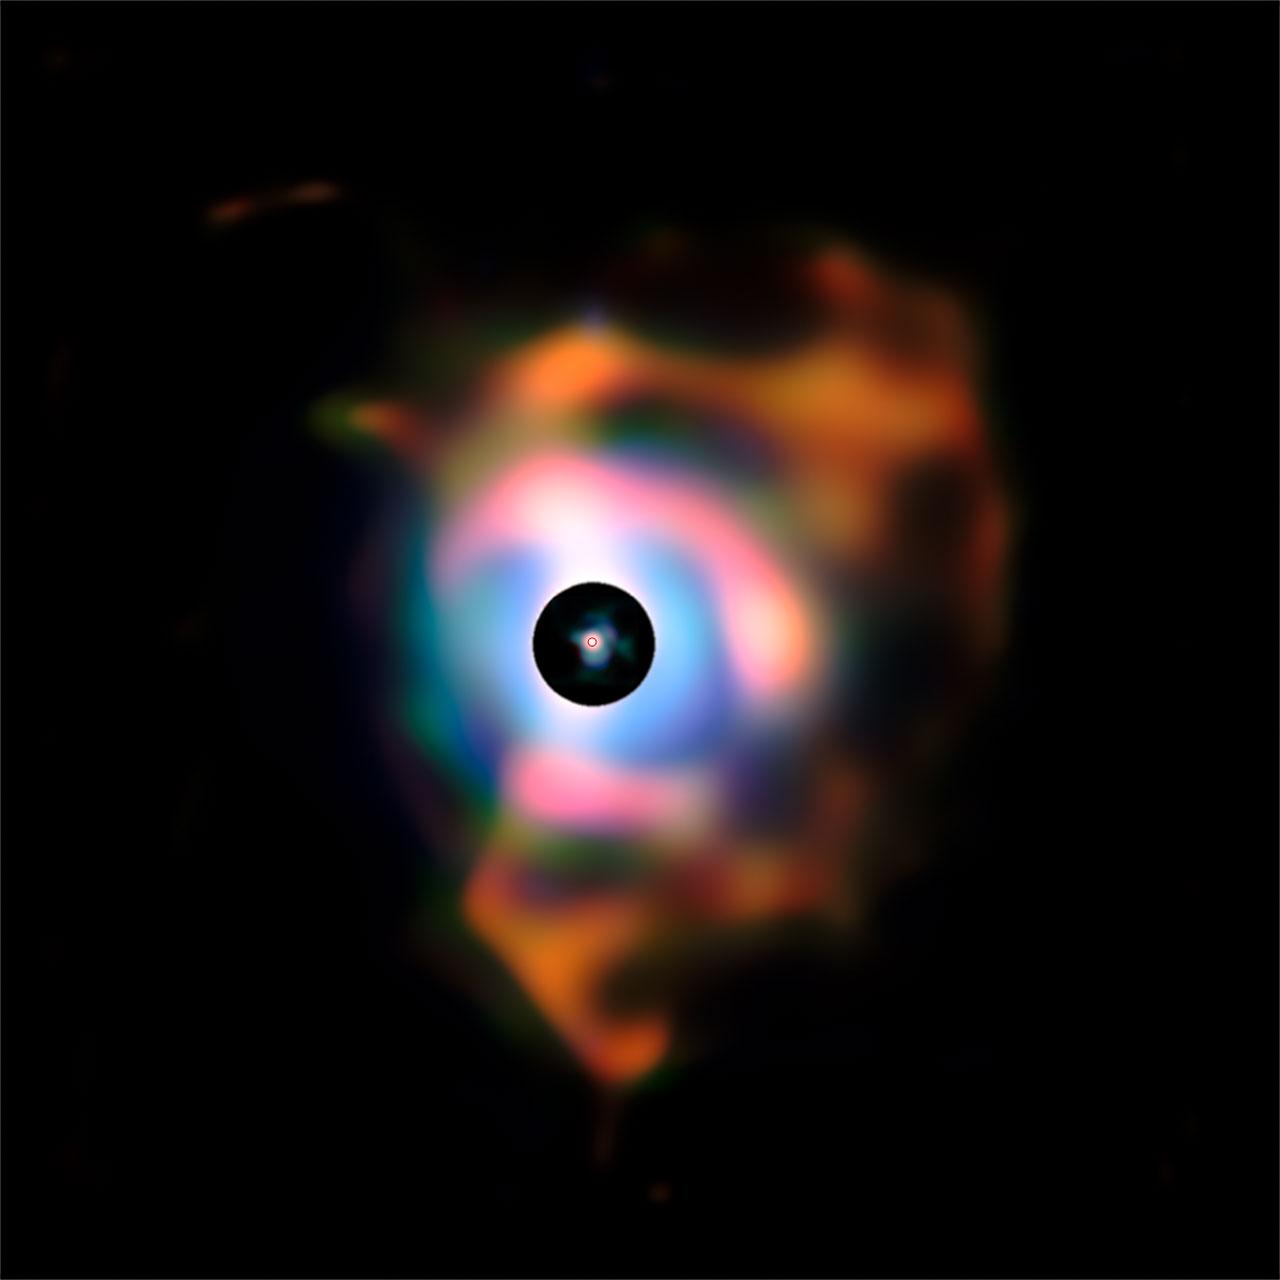 Supergiant Star's Rainbow Nebula Revealed